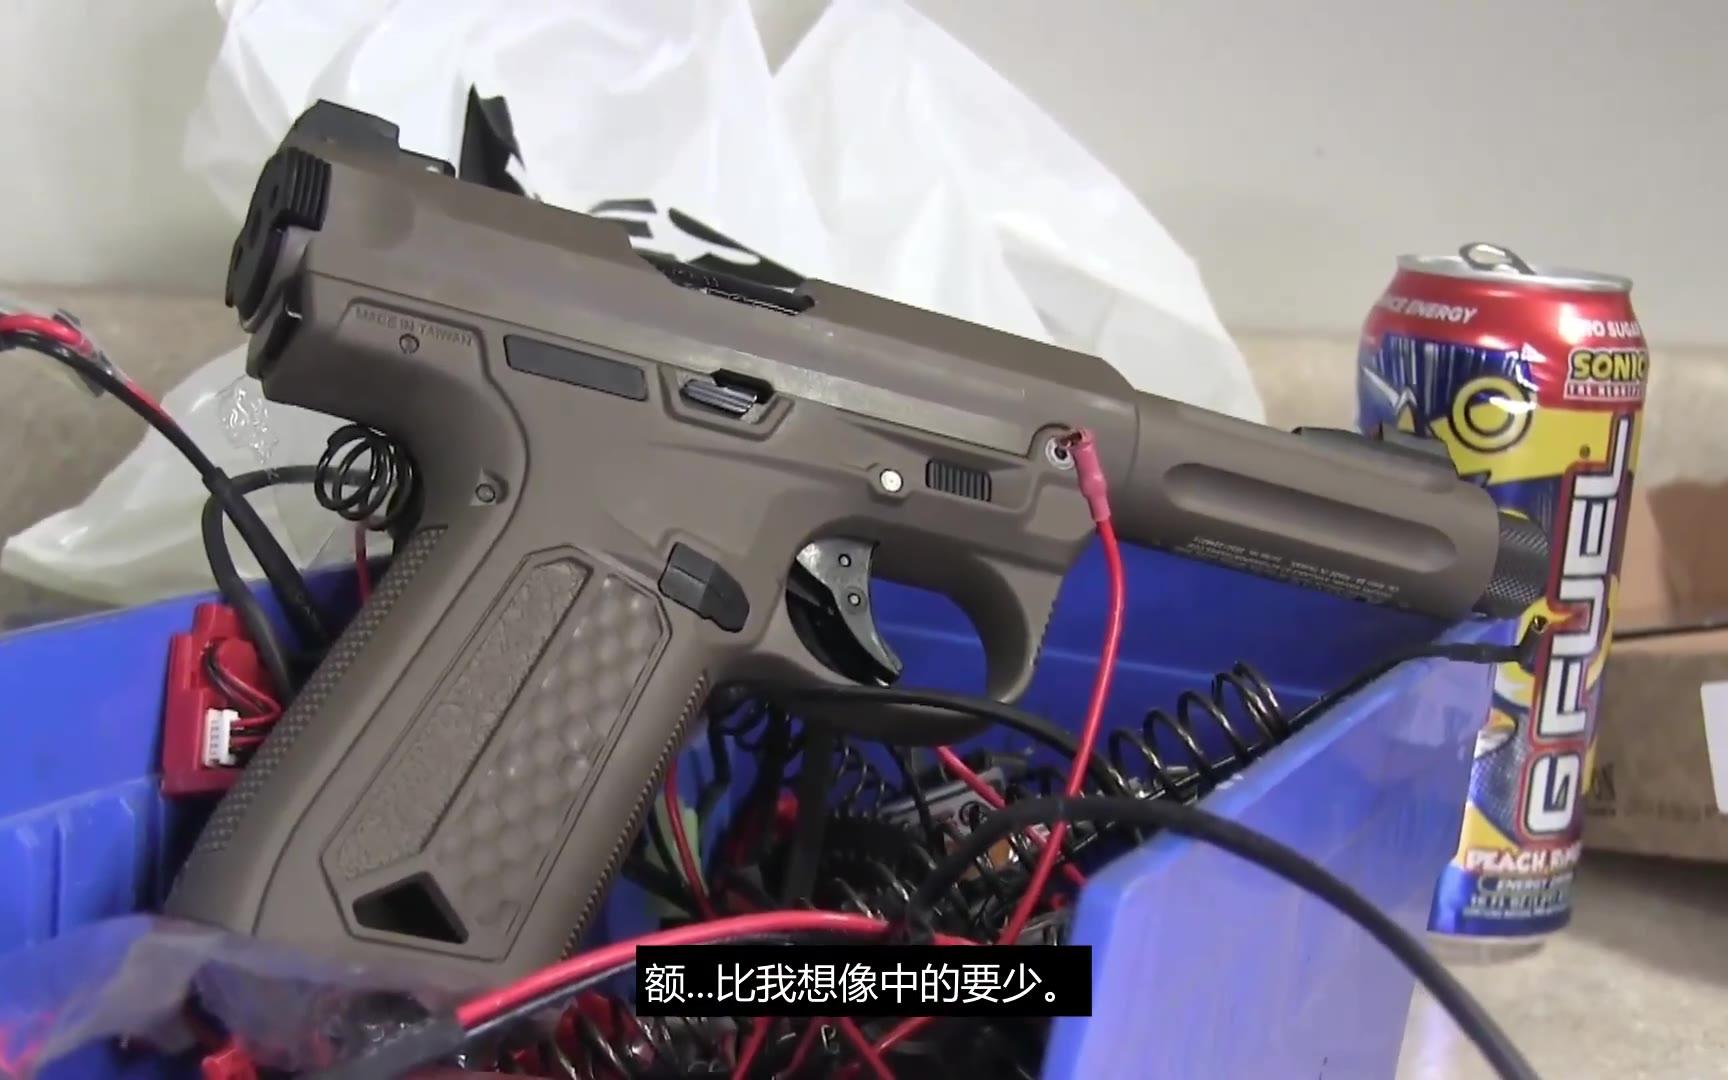 【中字/USAirsoft】Action Army AAP-01气动回膛发射器折磨性耐久性测试